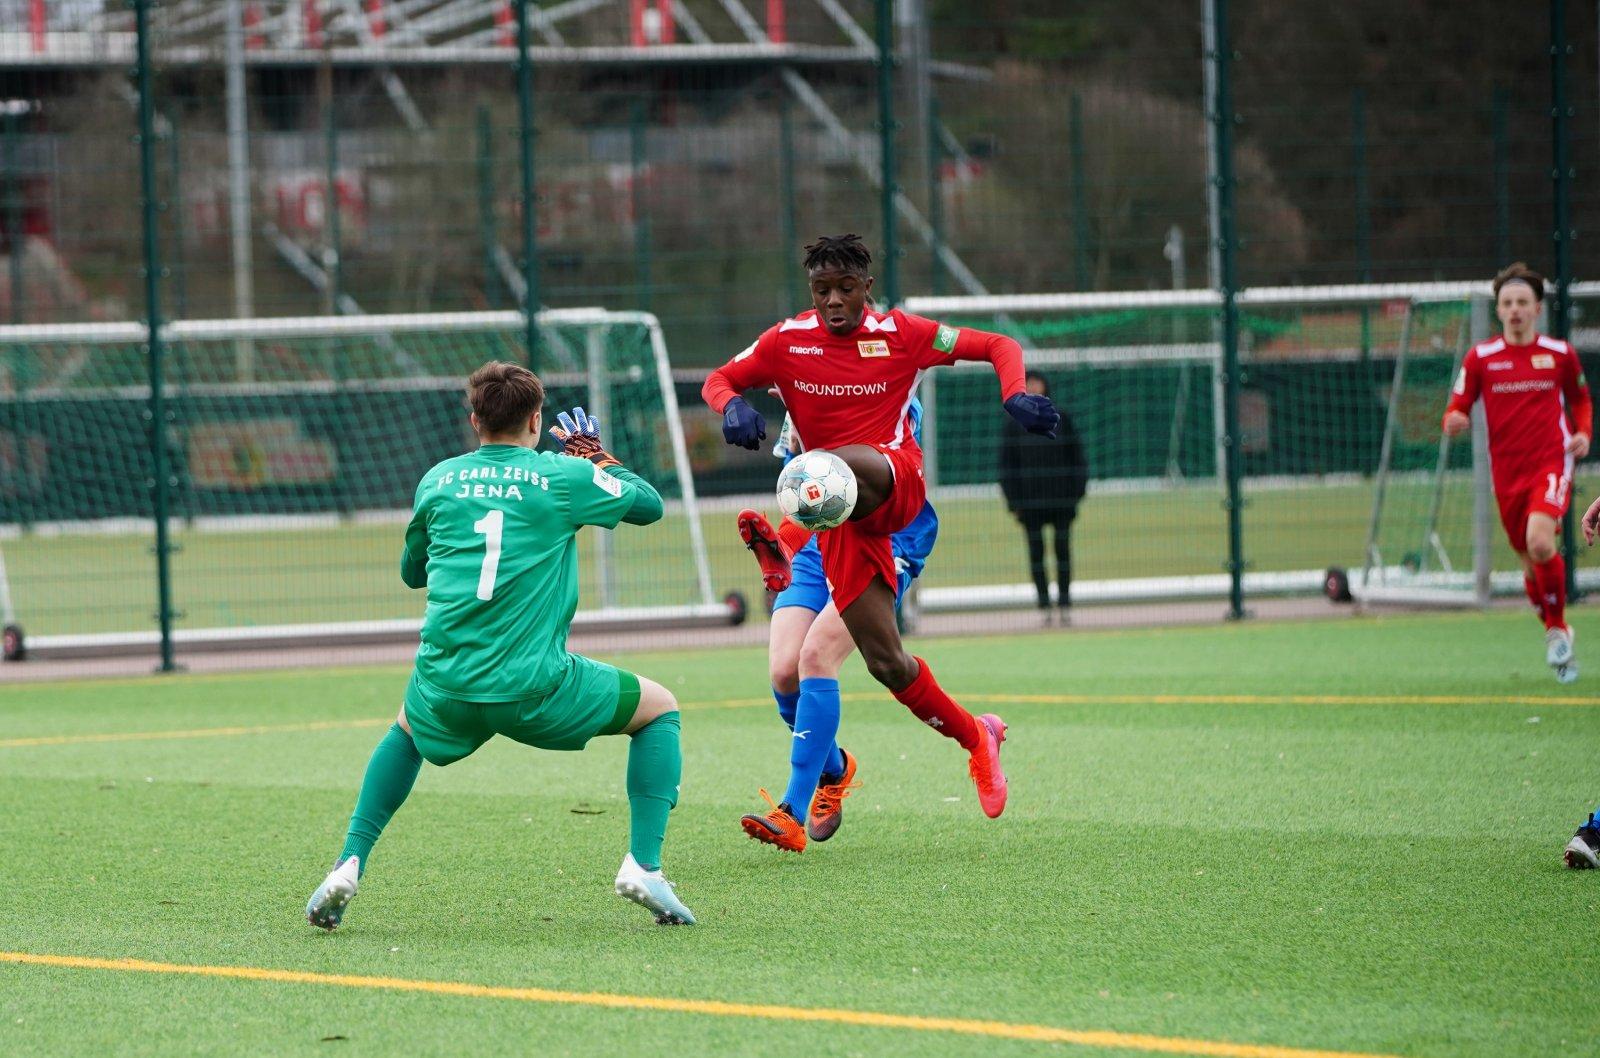 Malick Sanogo im Duell gegen Jenas Keeper, Foto: 1. FC Union Berlin